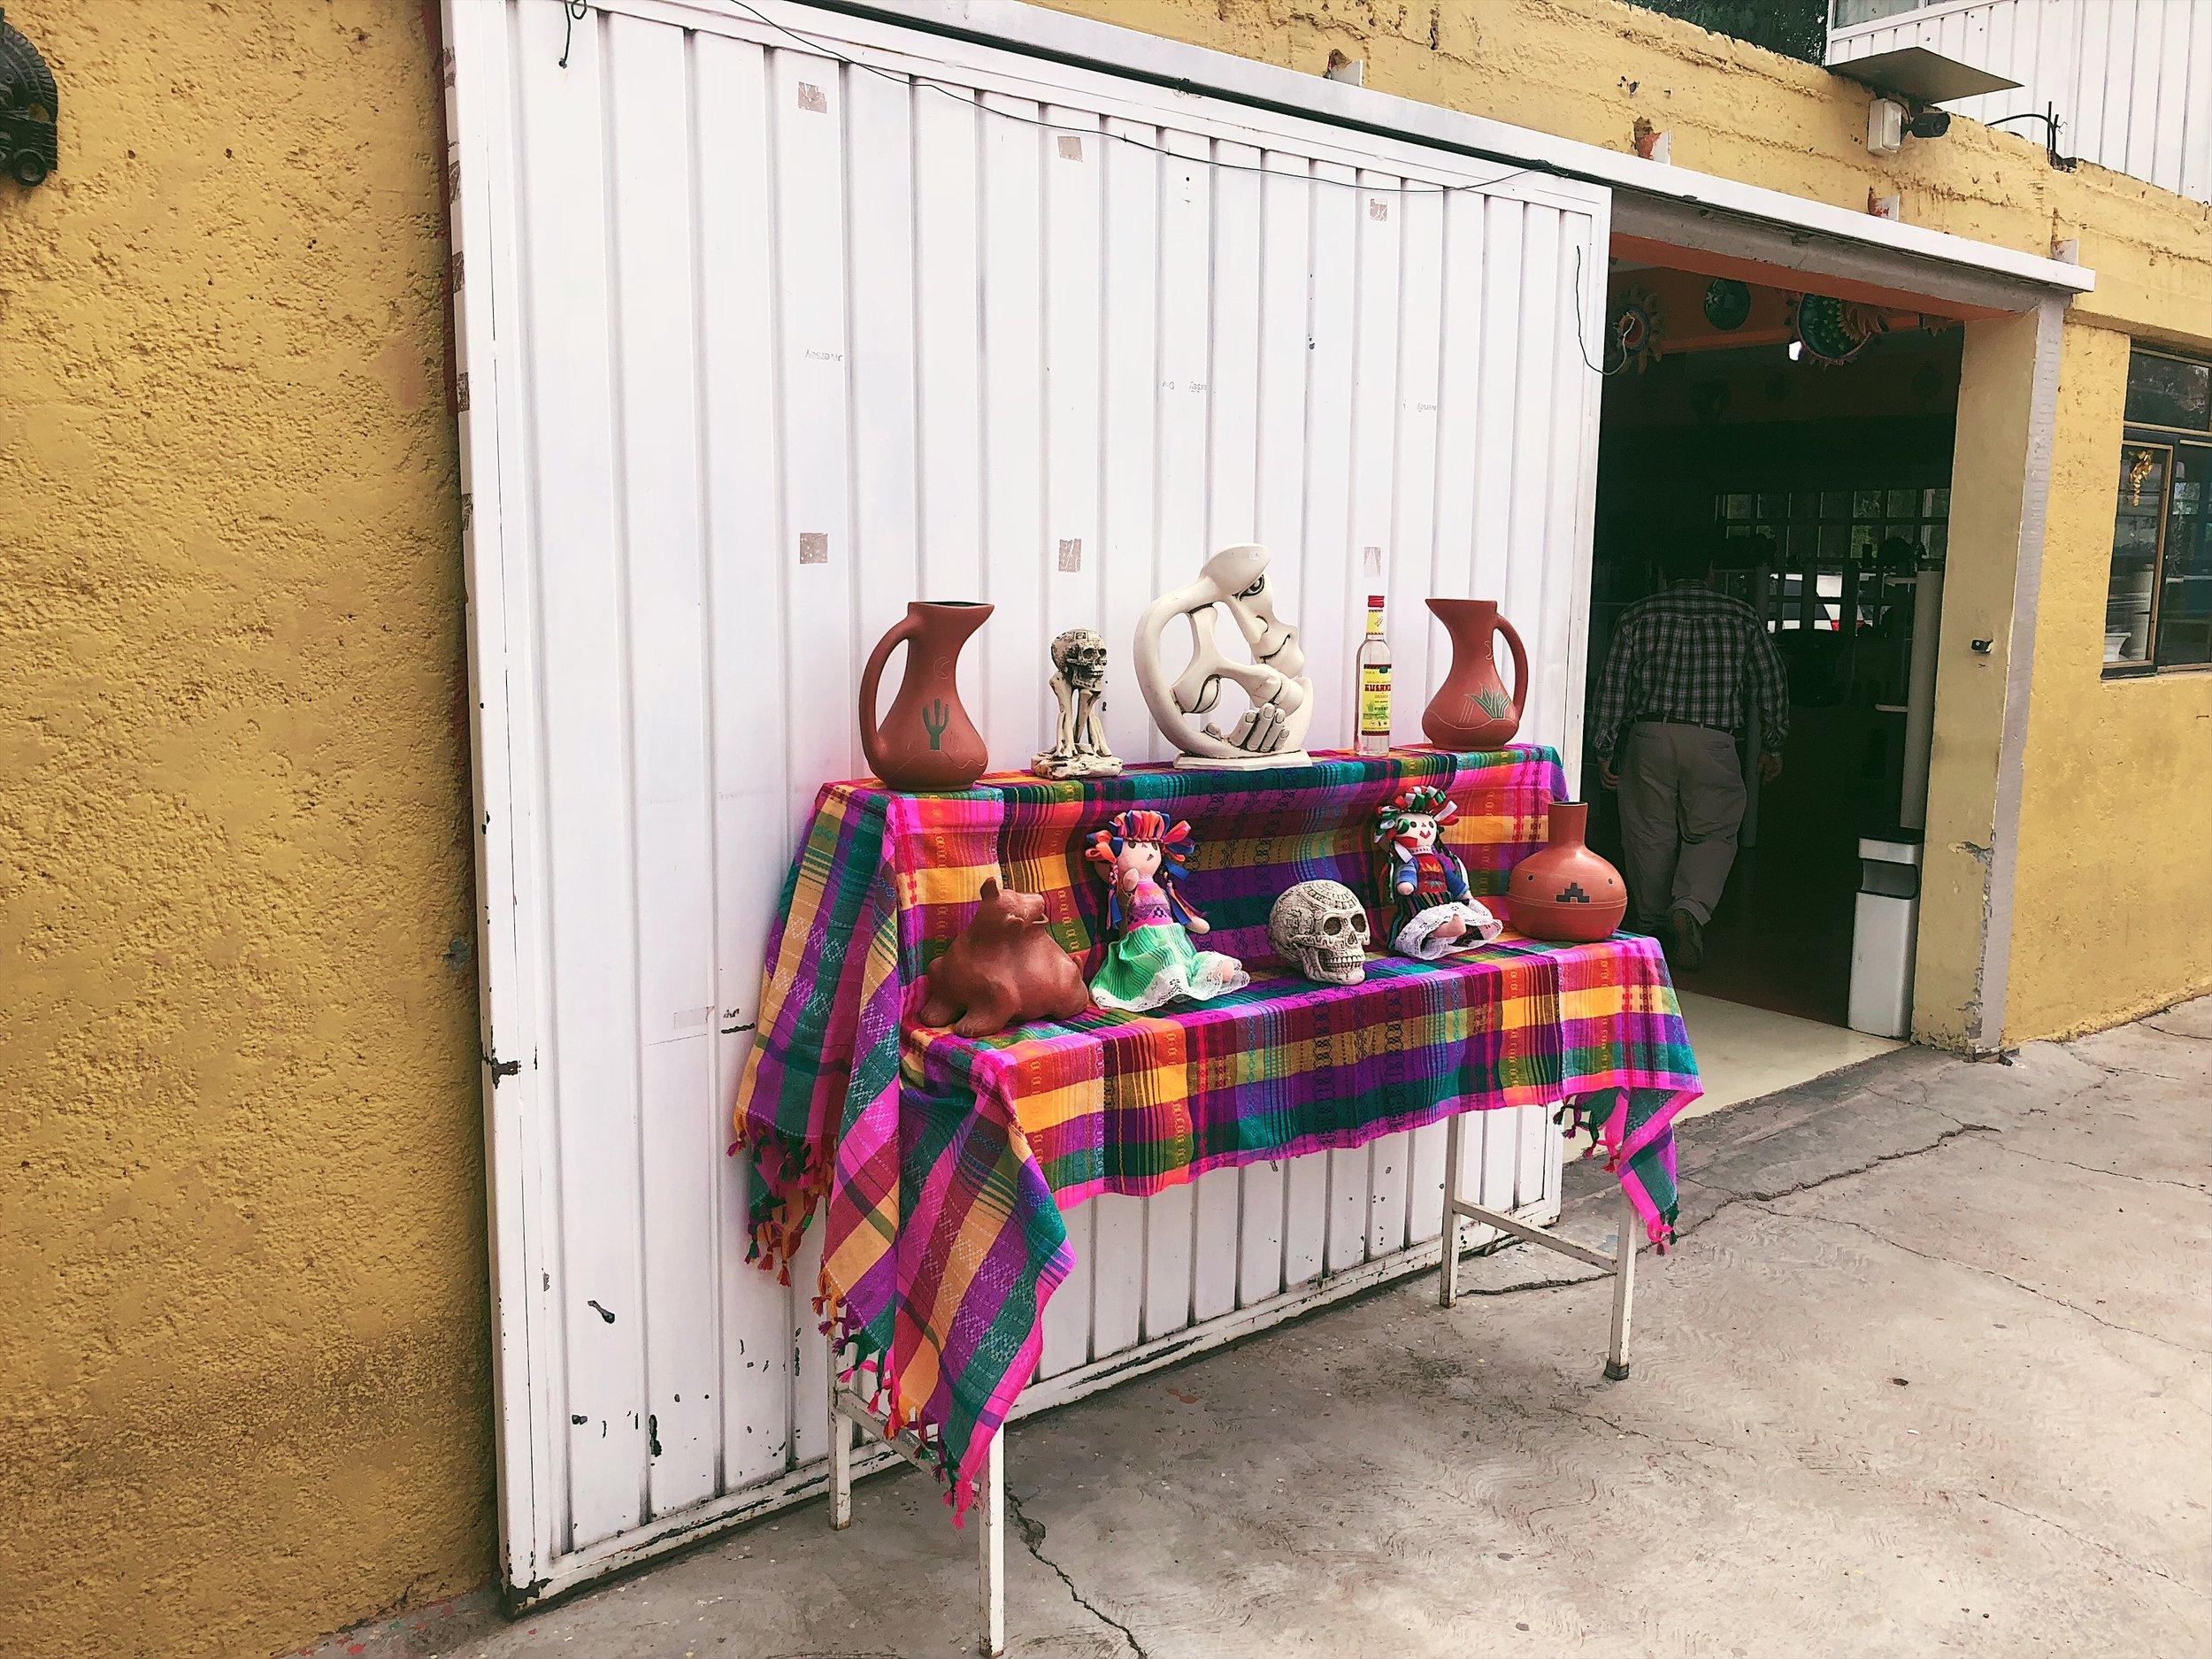 coop mexico city aztec